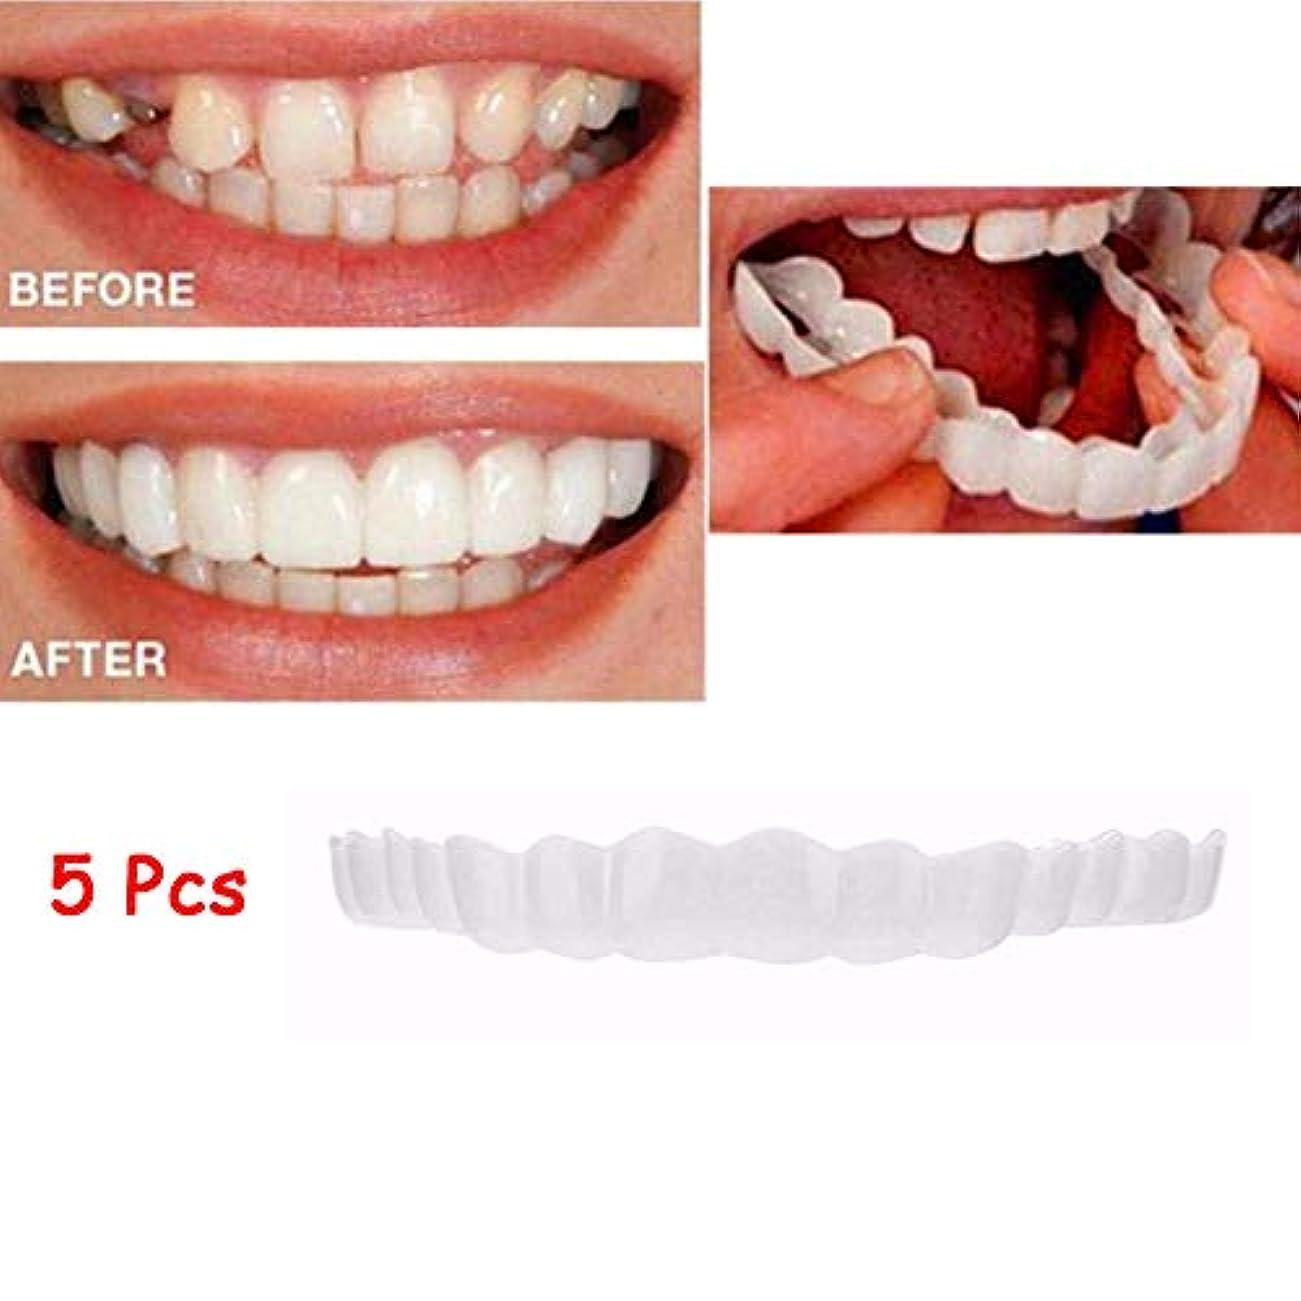 最適カセット生きている5本突き板、化粧品の歯 - 一時的な笑顔の快適さフレックス歯のベニー